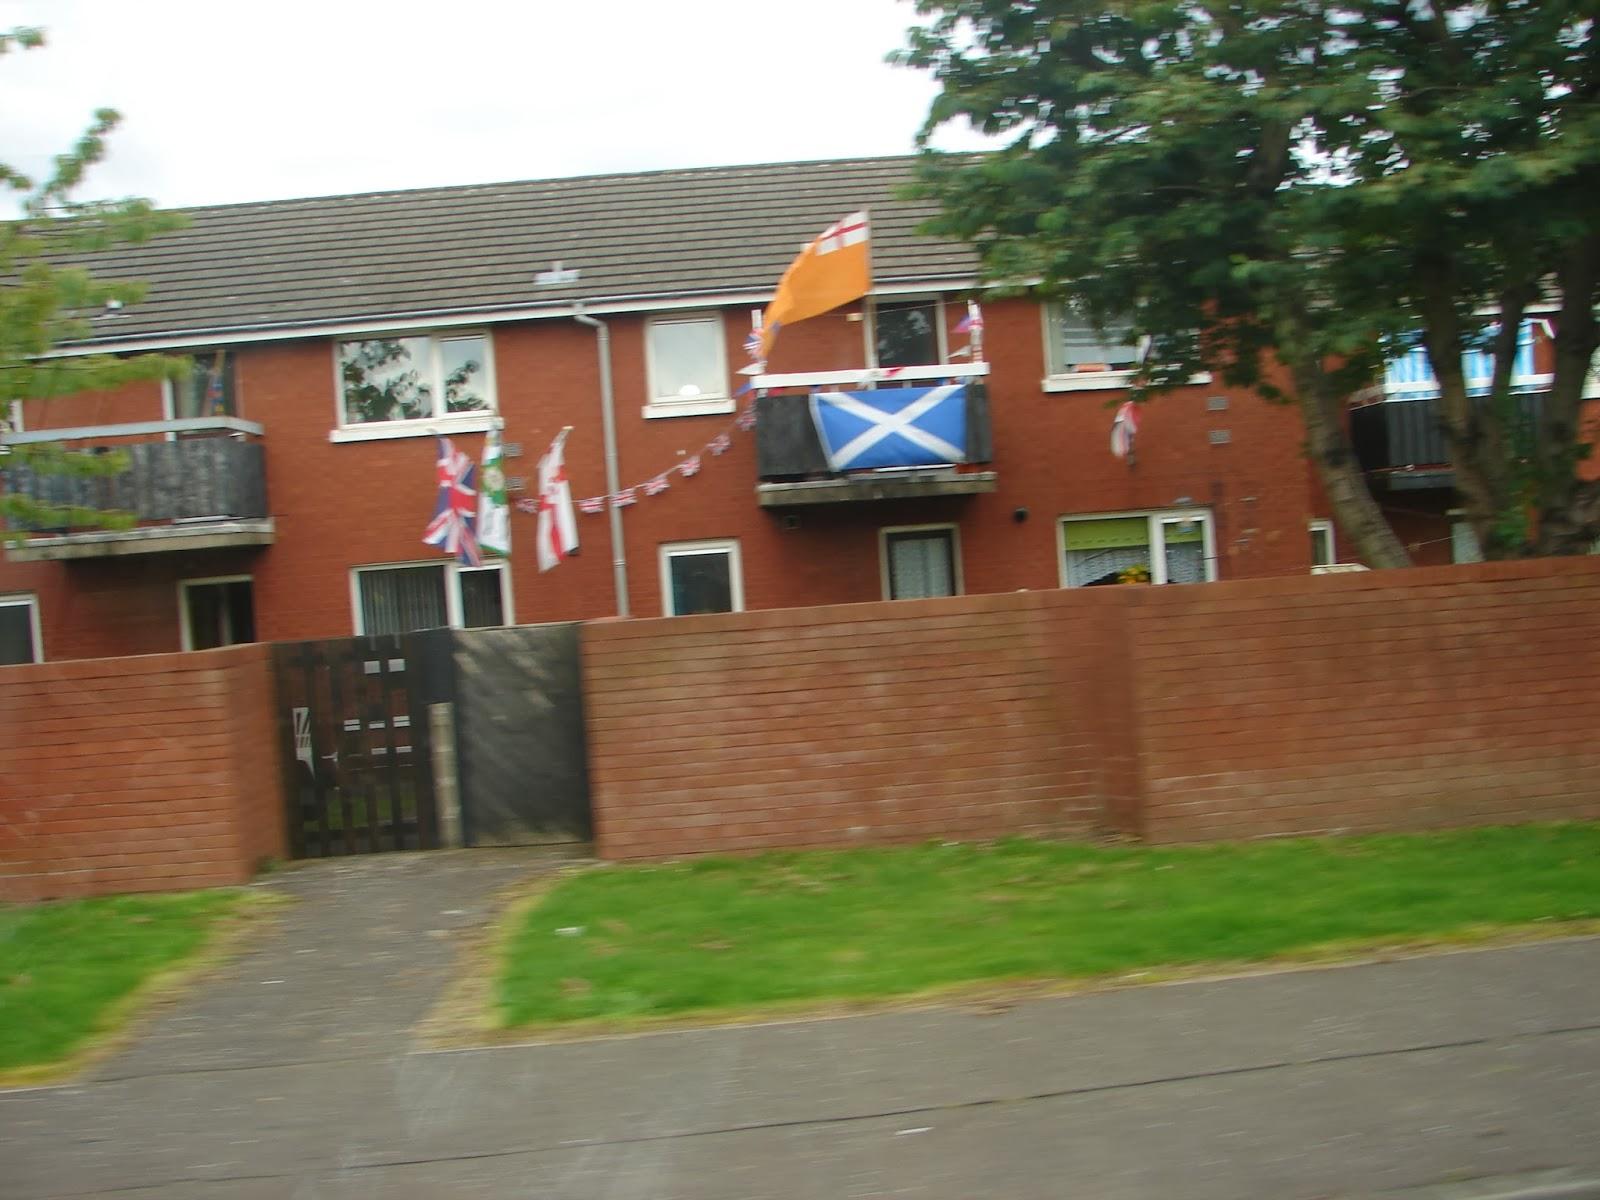 As identidades dos moradores desta casa non  ofrecen dúbida  (foto XMLS, desde o autobús)